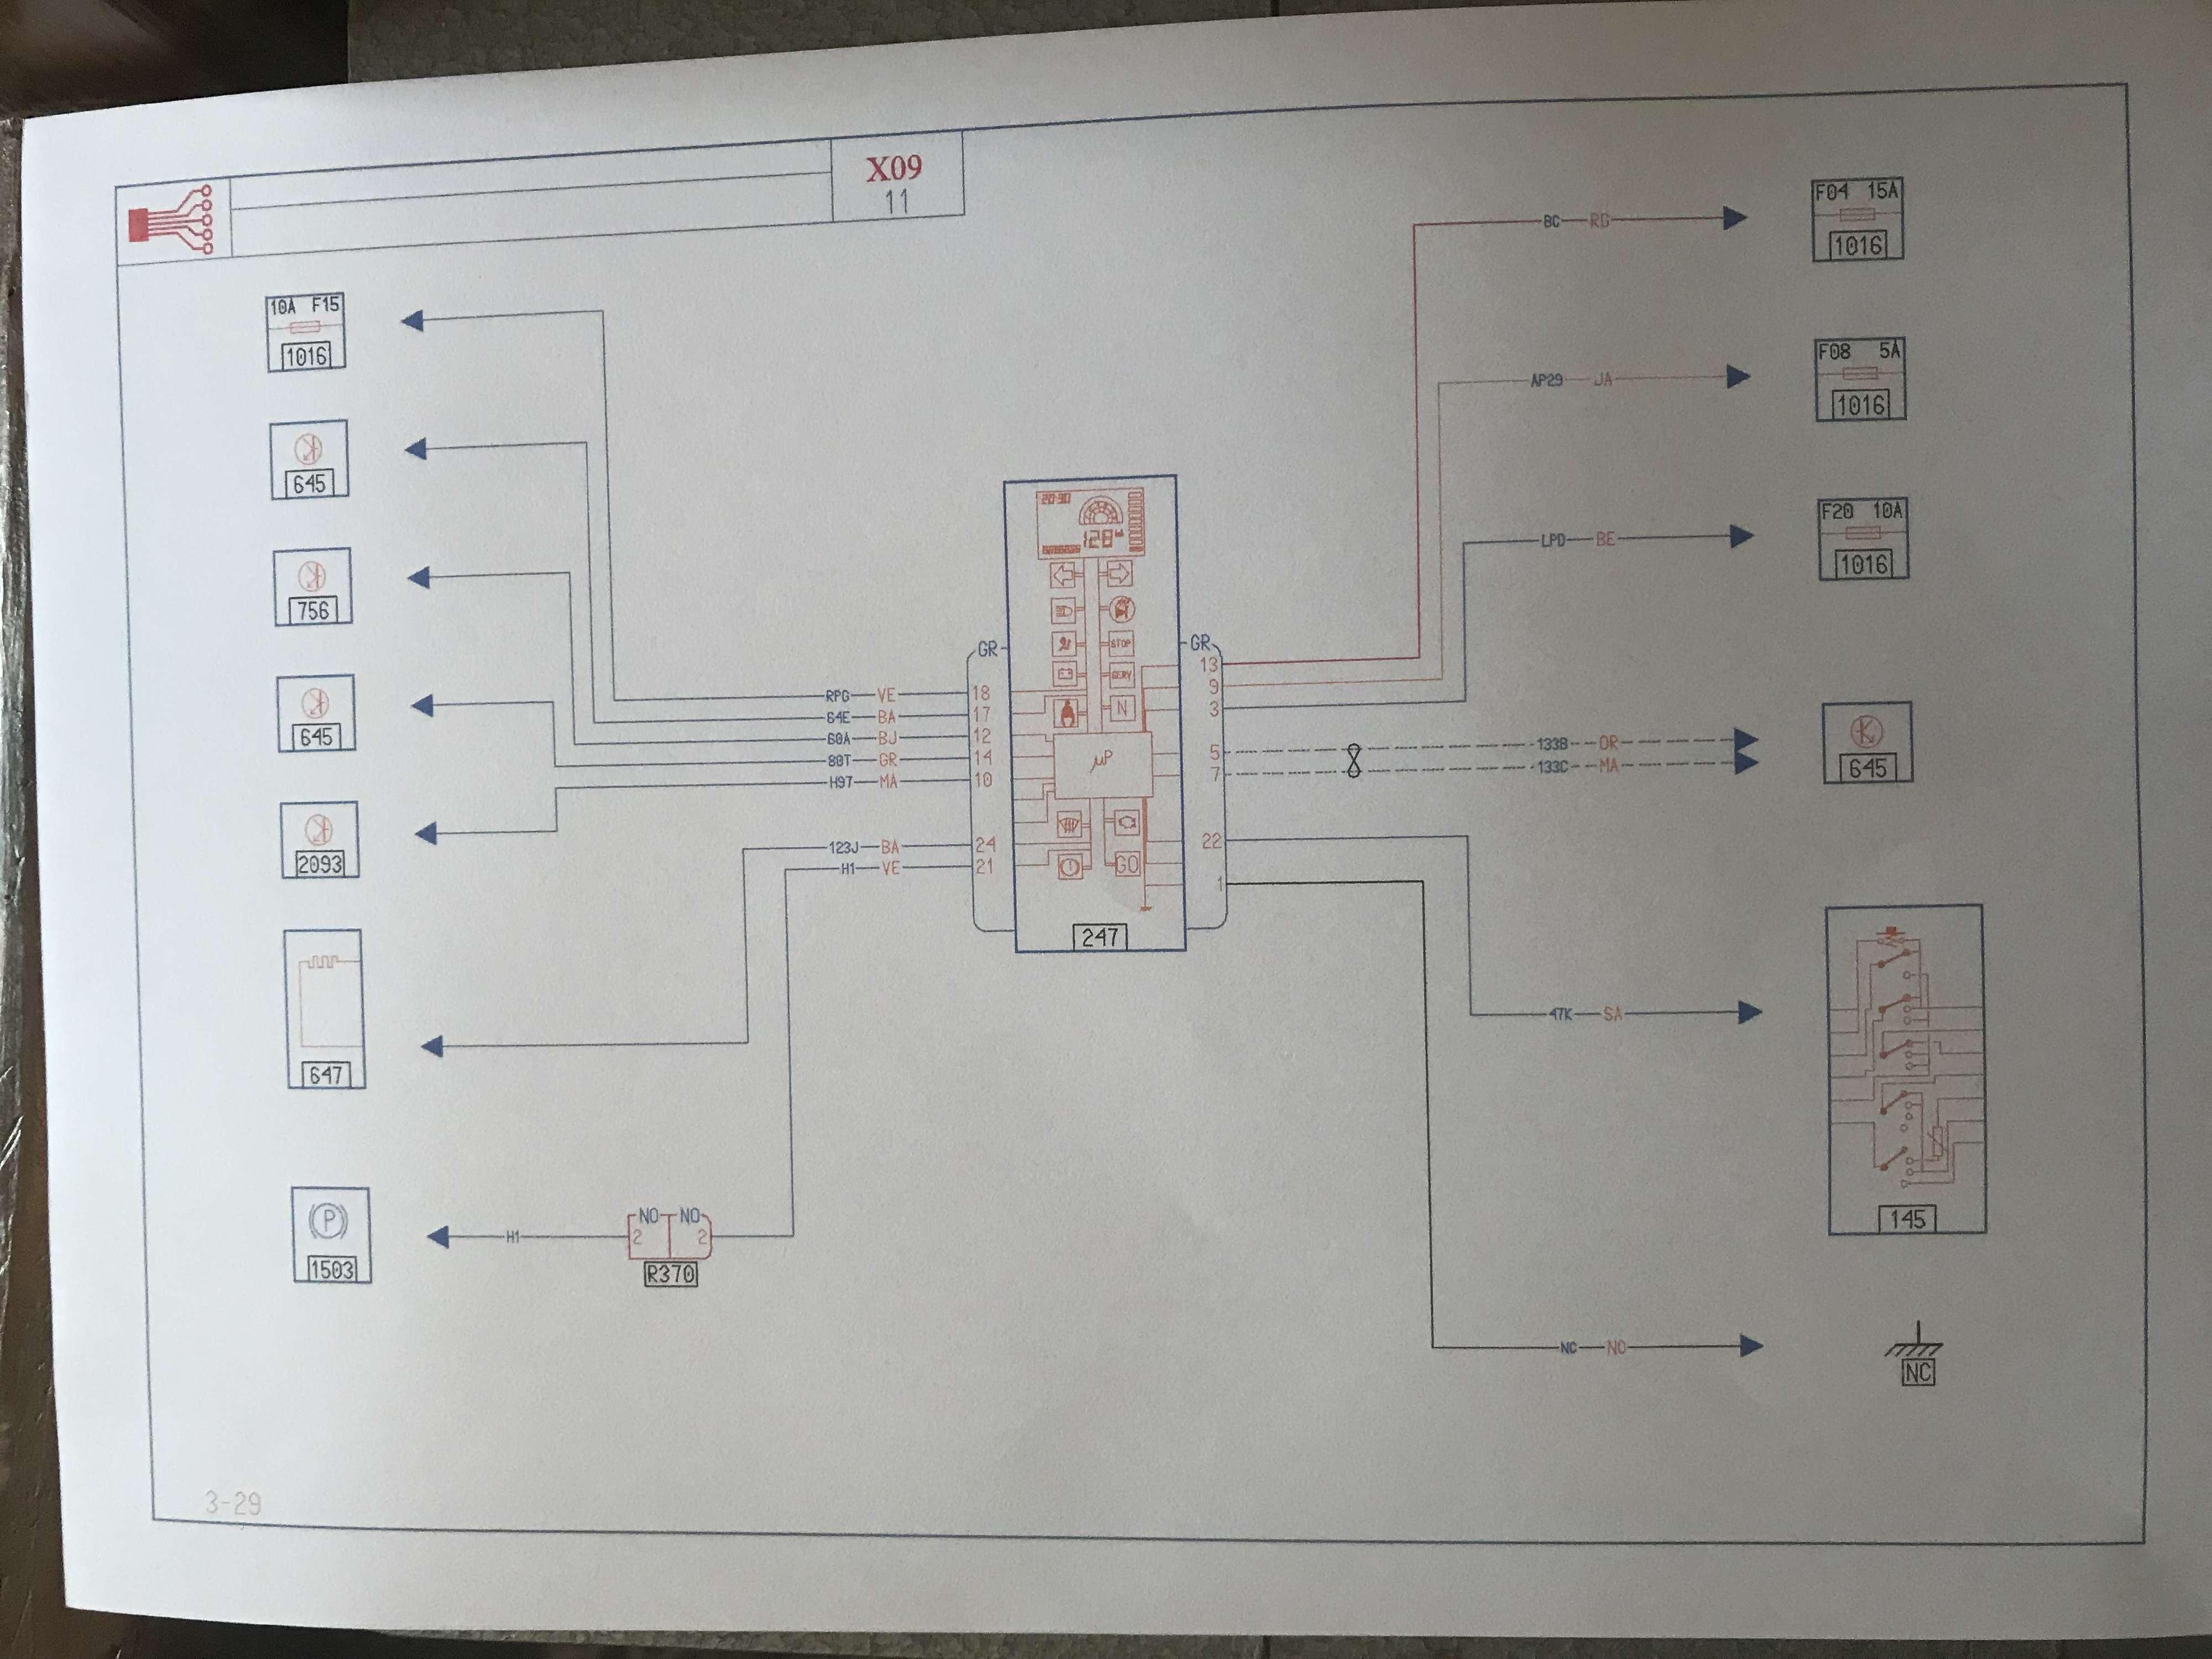 Tolle Versteckte Licht Relais Schaltplan Bilder - Elektrische ...